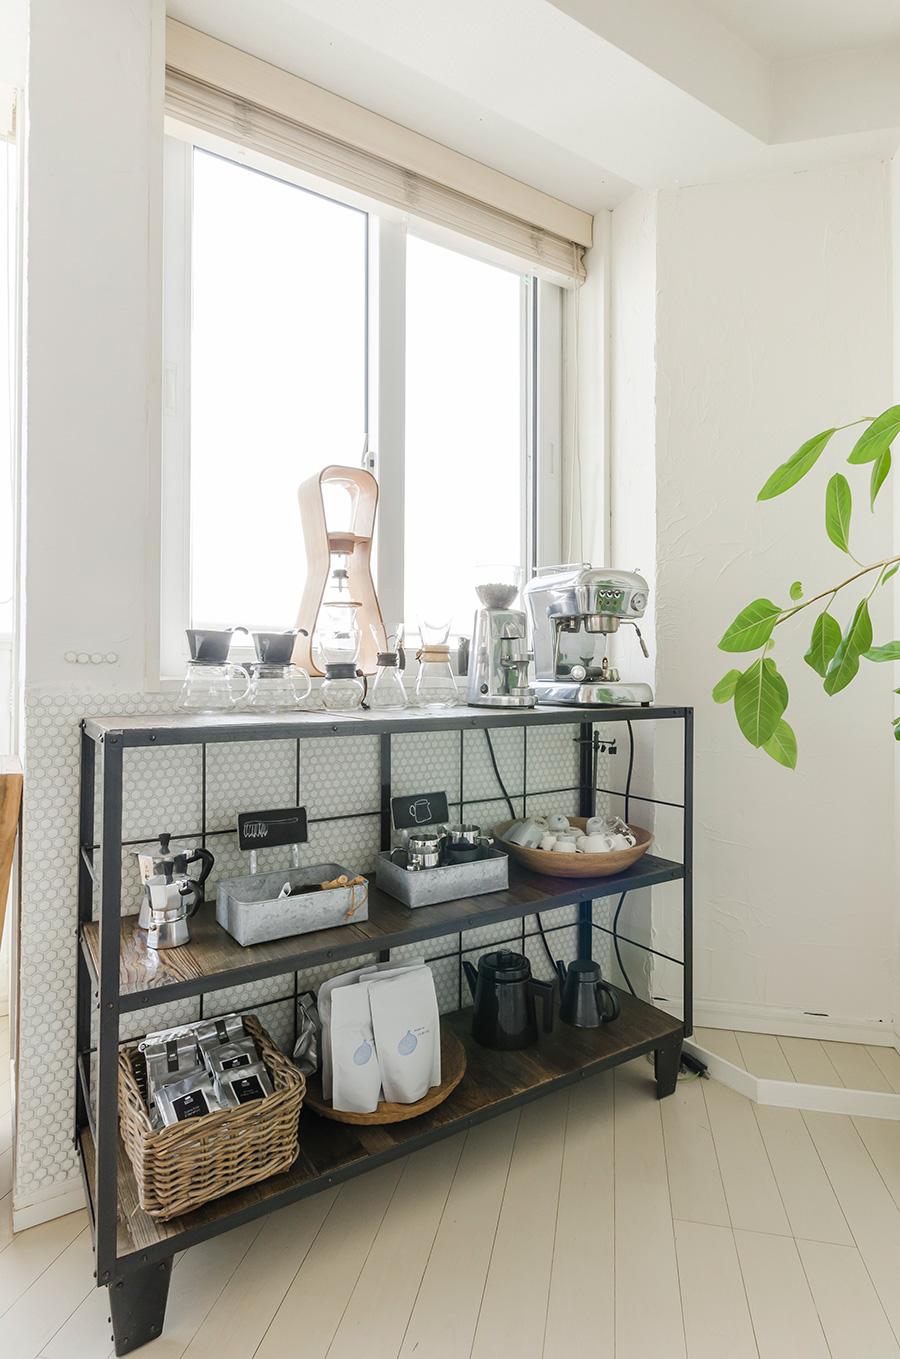 工業っぽさが気に入ったjournal standard Furnitureのシェルフに、コーヒー器材を揃えて。